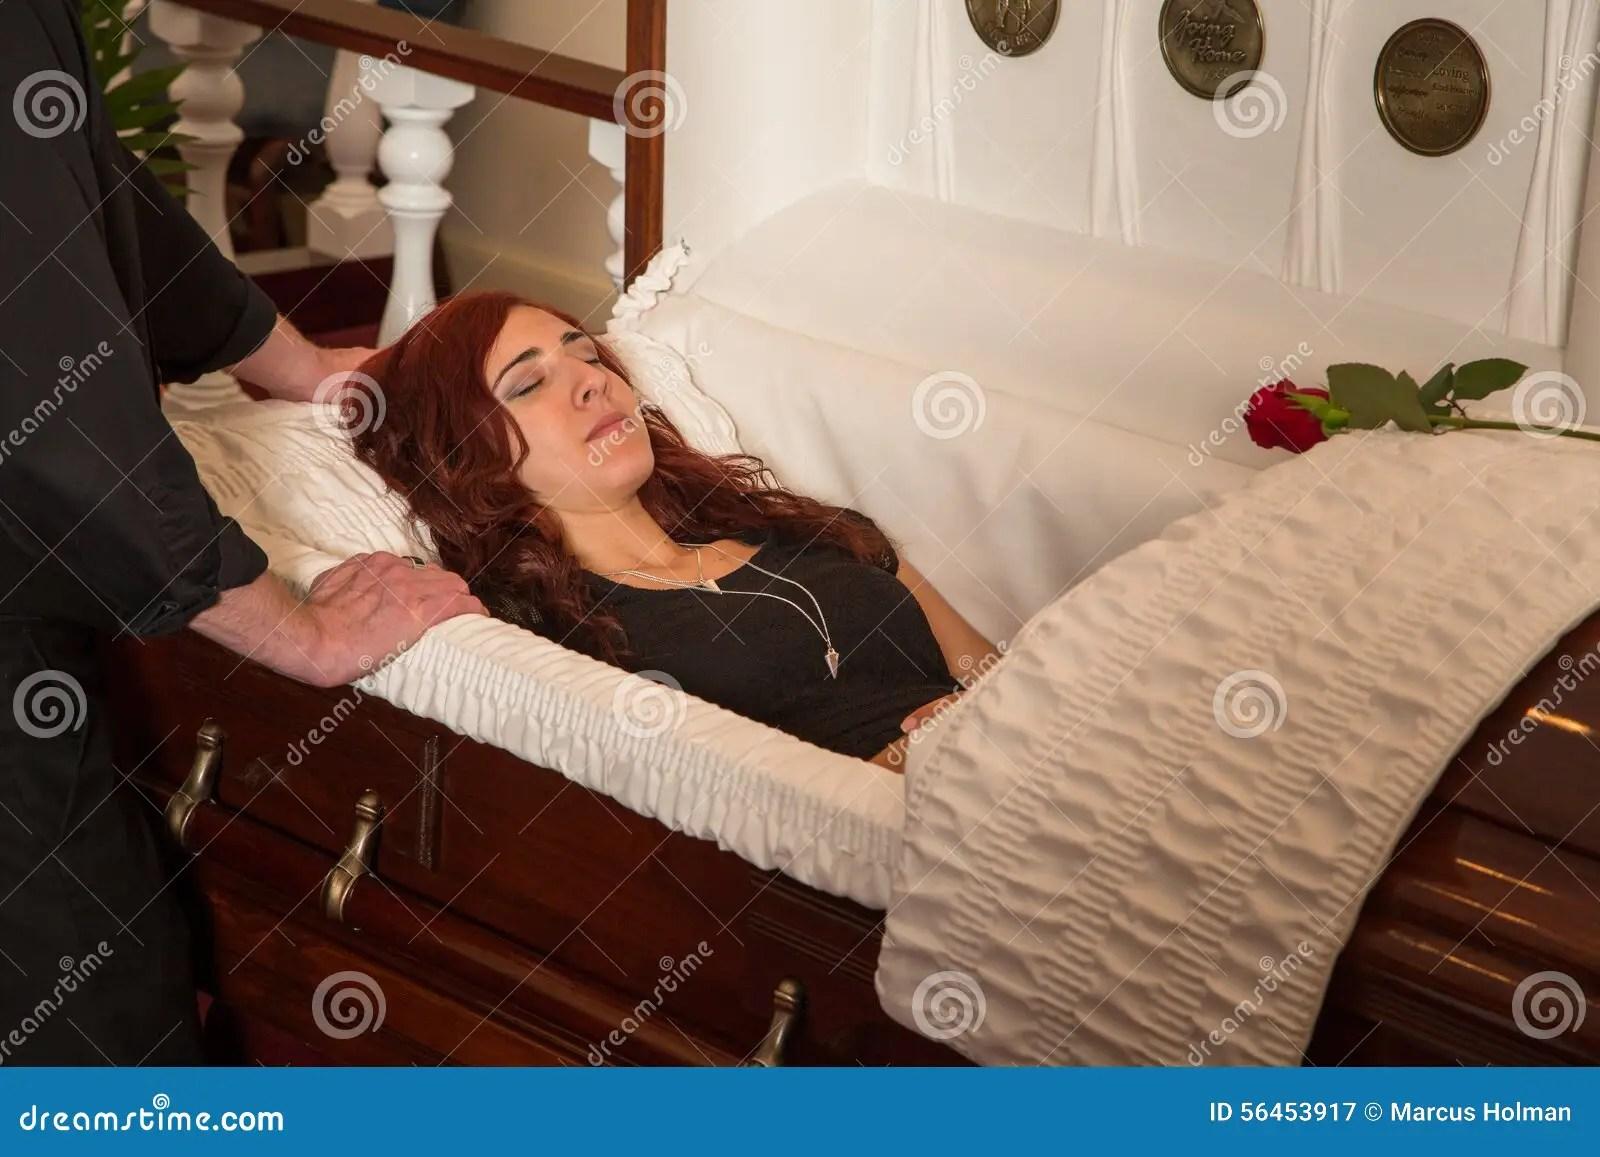 Karen Carpenter Casket Funeral